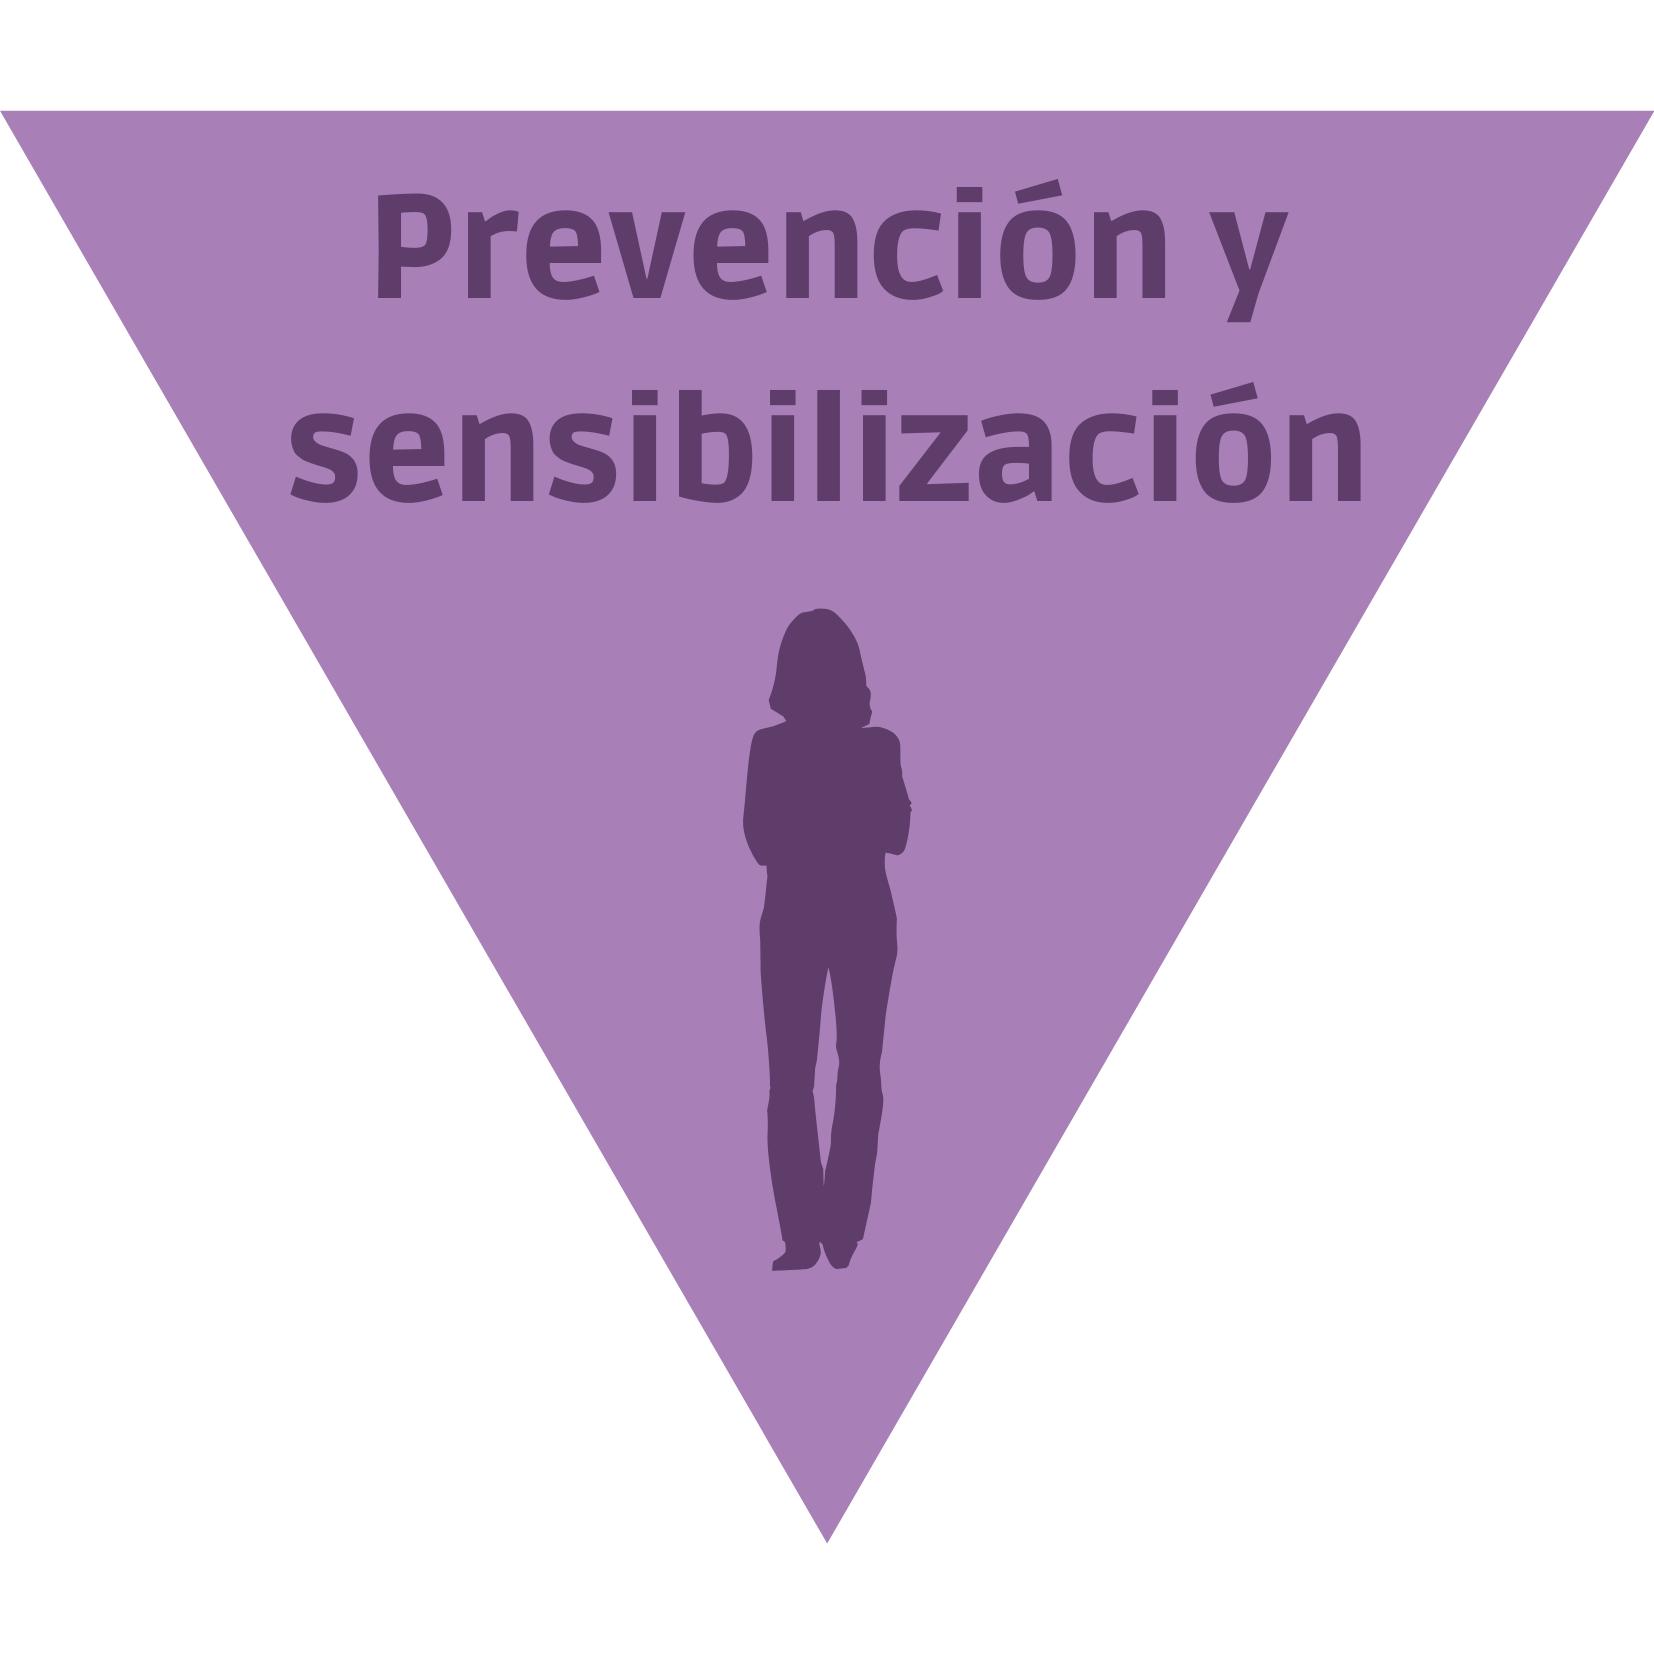 Prevención y sensibilización